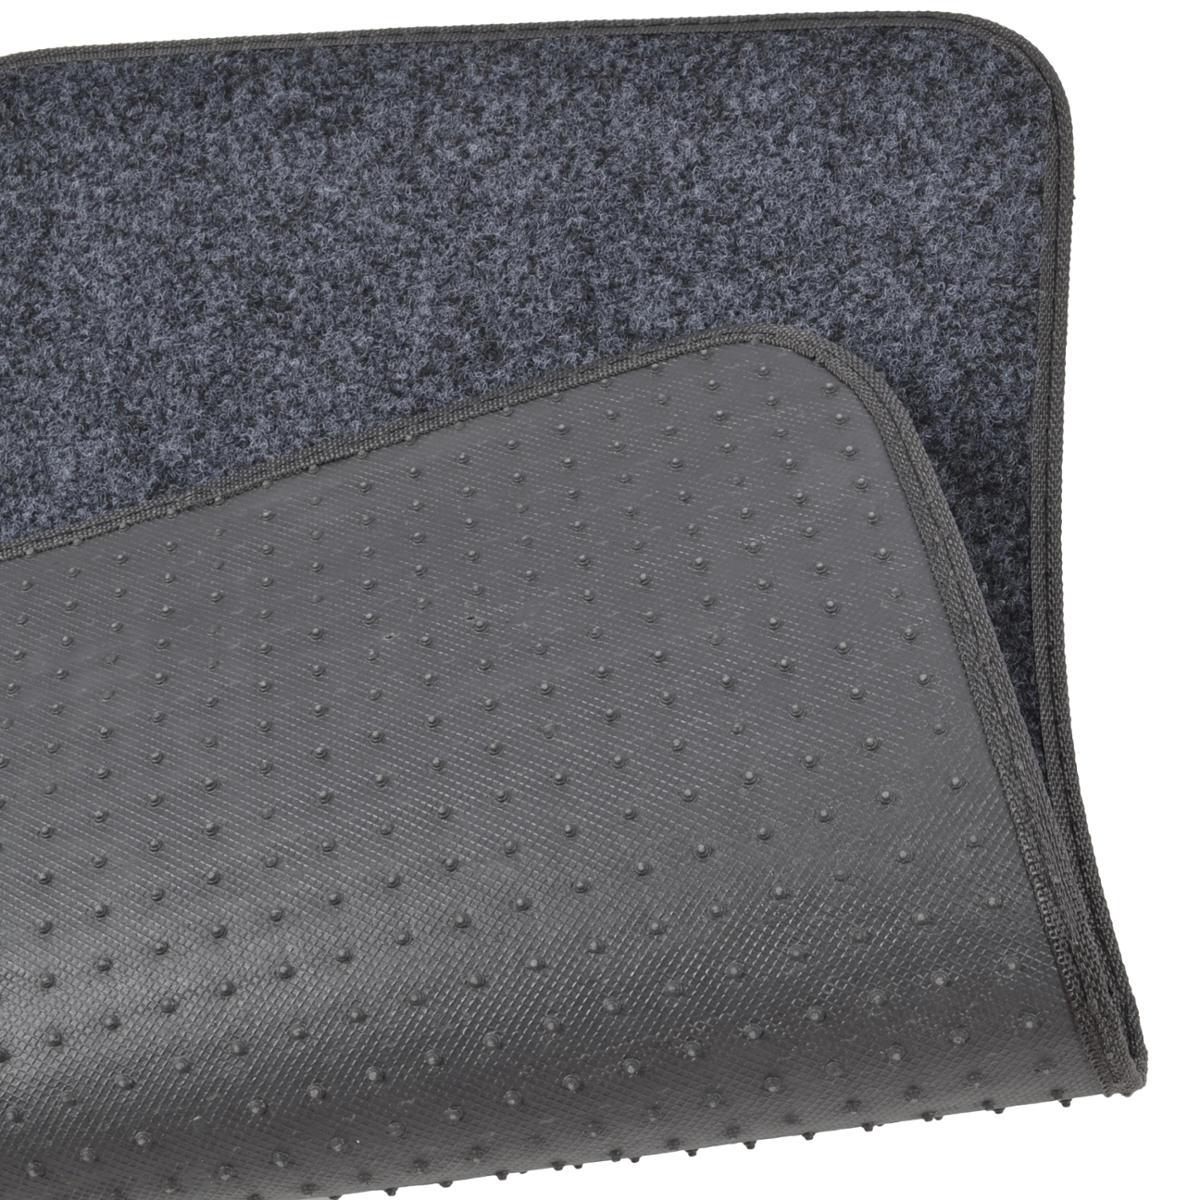 Car Floor Mats For Sedan SUV 4 Piece Carpet Liner Vinyl